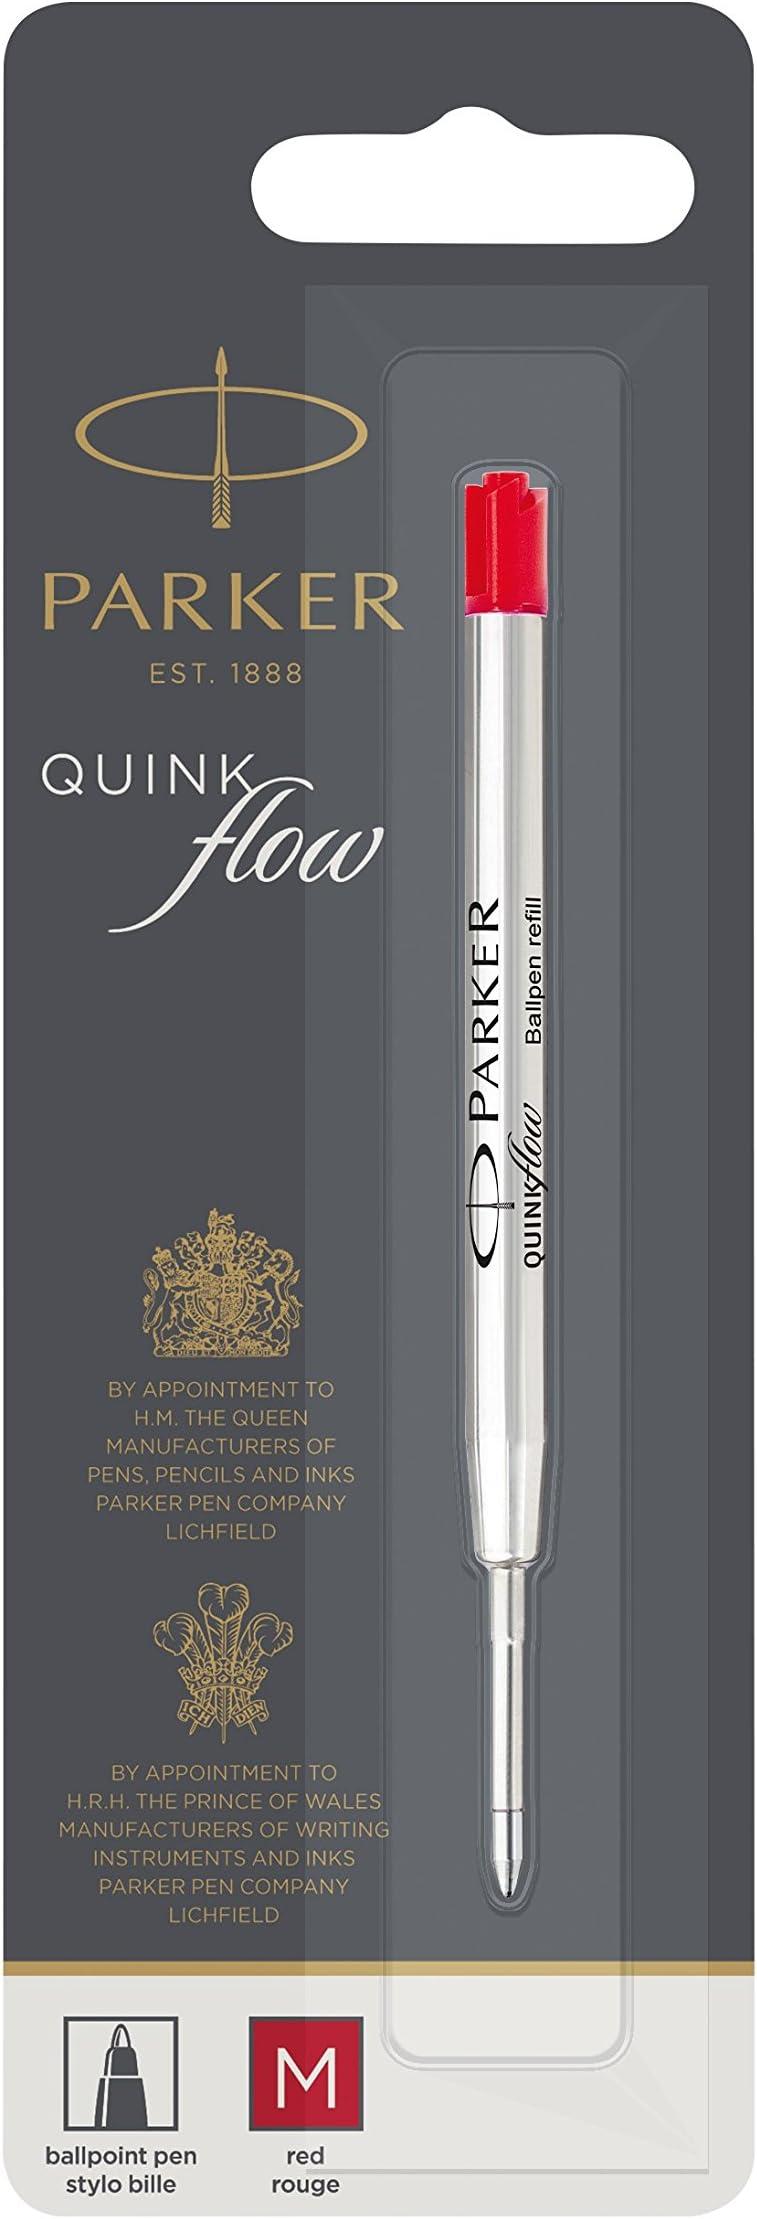 Pelikan 337 Red Medium Pt Ballpoint Pen Refill New  915389 Works For Parker Pens